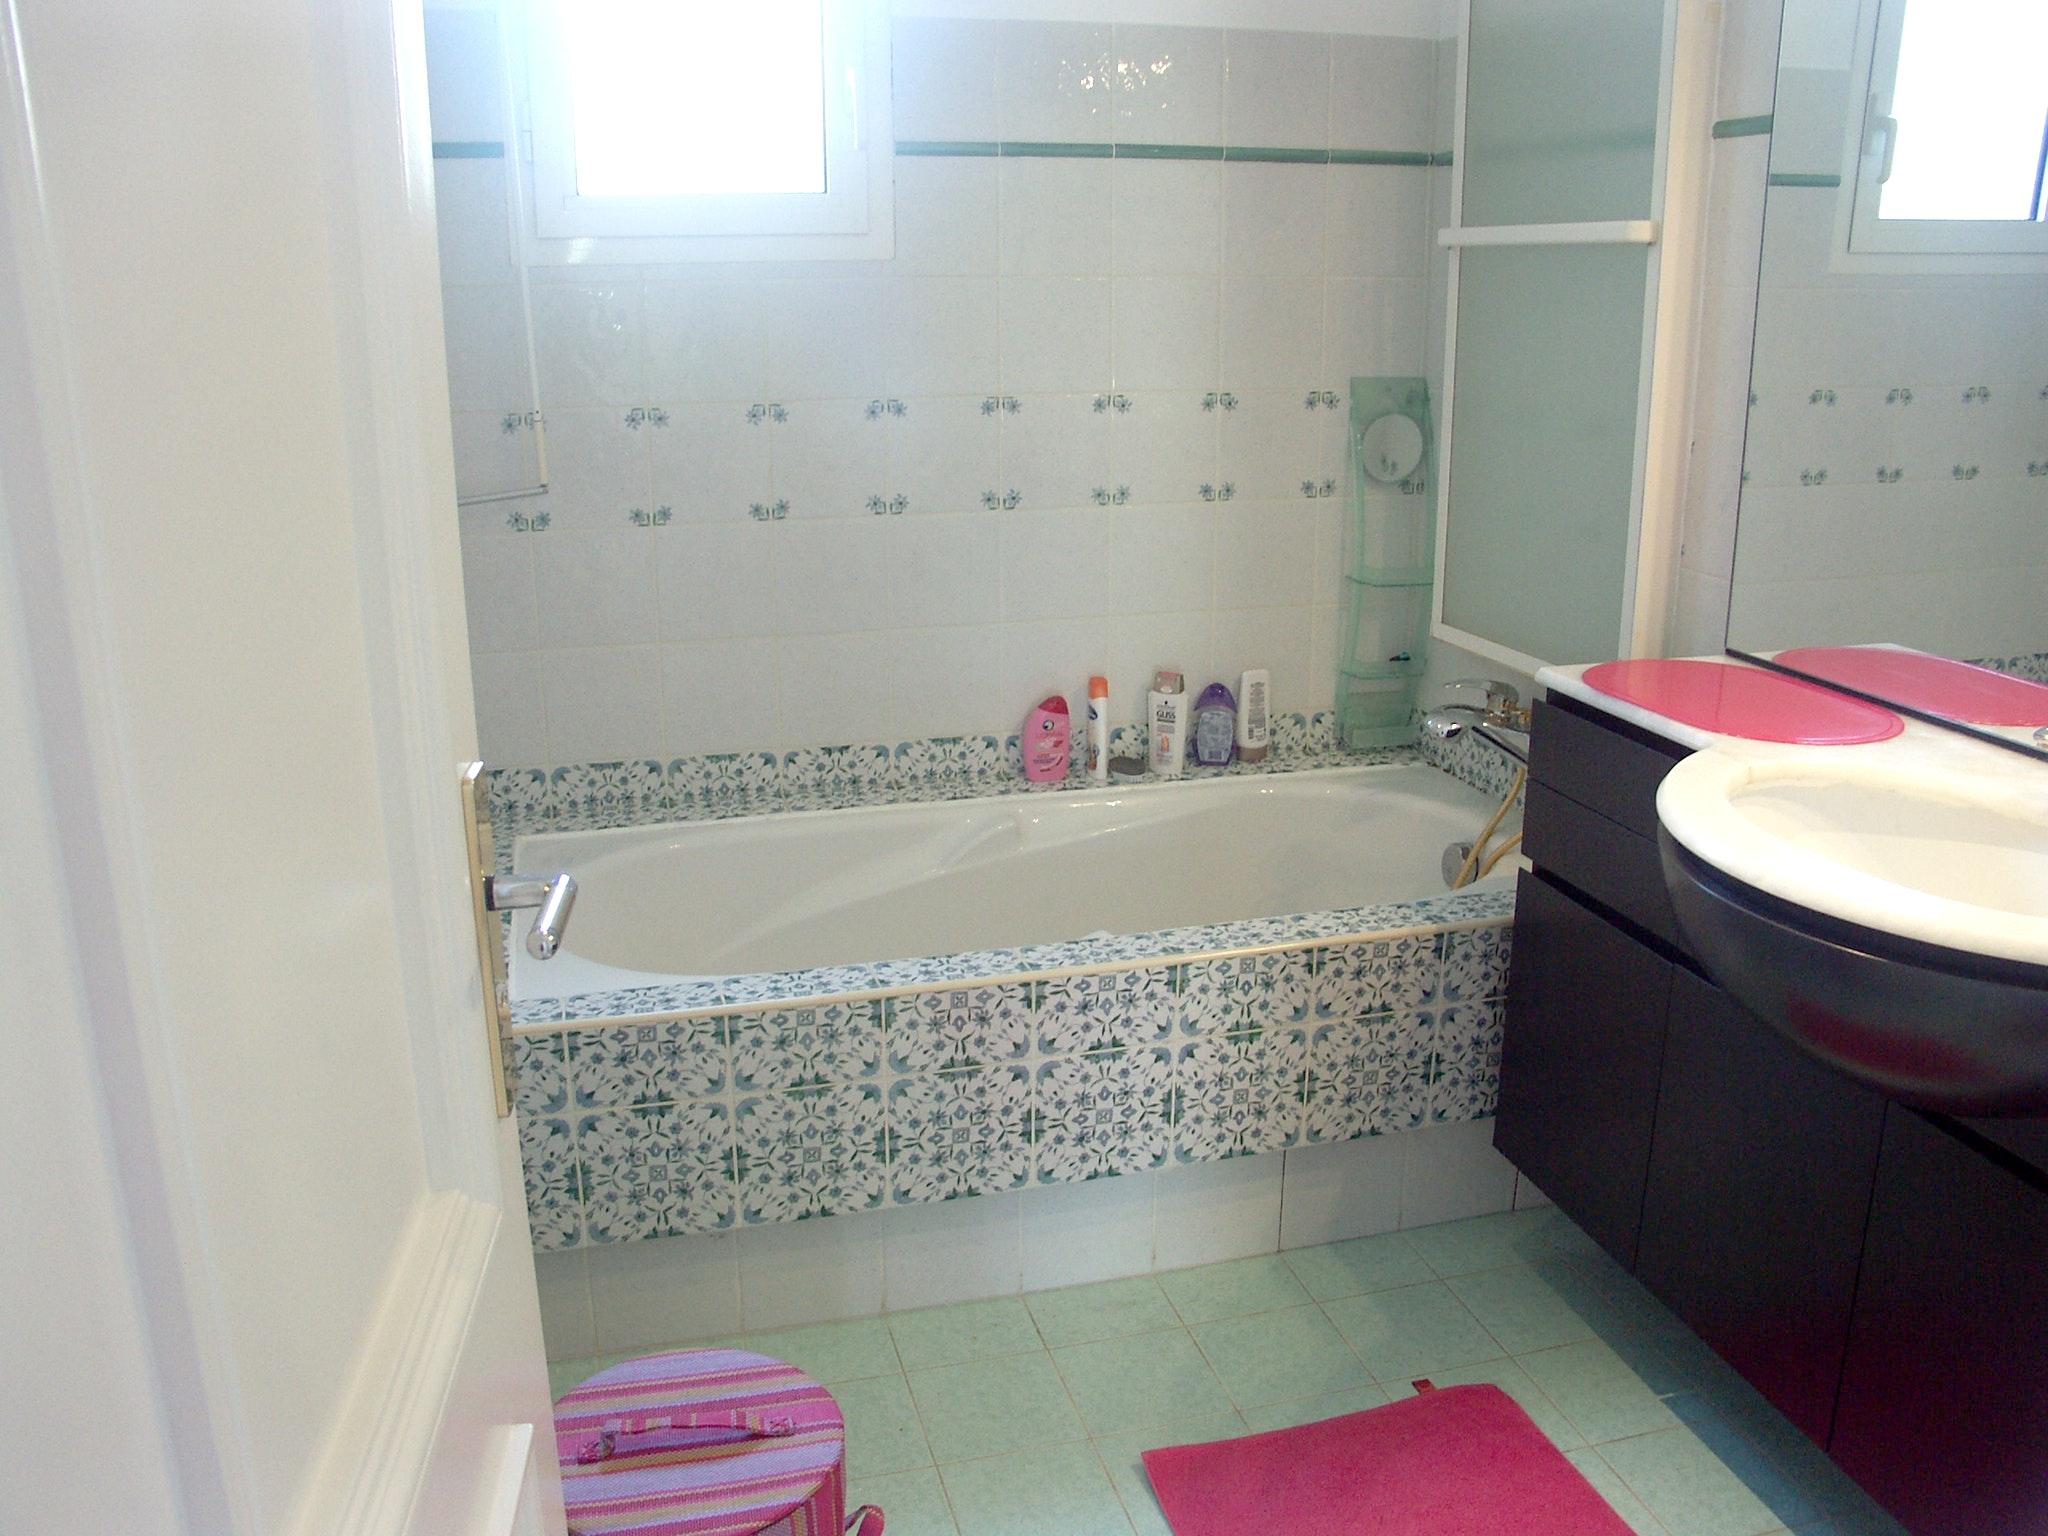 Appartement de vacances Wohnung mit einem Schlafzimmer in Carqueiranne mit Pool, eingezäuntem Garten und W-LAN - 7 (2231381), Carqueiranne, Côte d'Azur, Provence - Alpes - Côte d'Azur, France, image 15